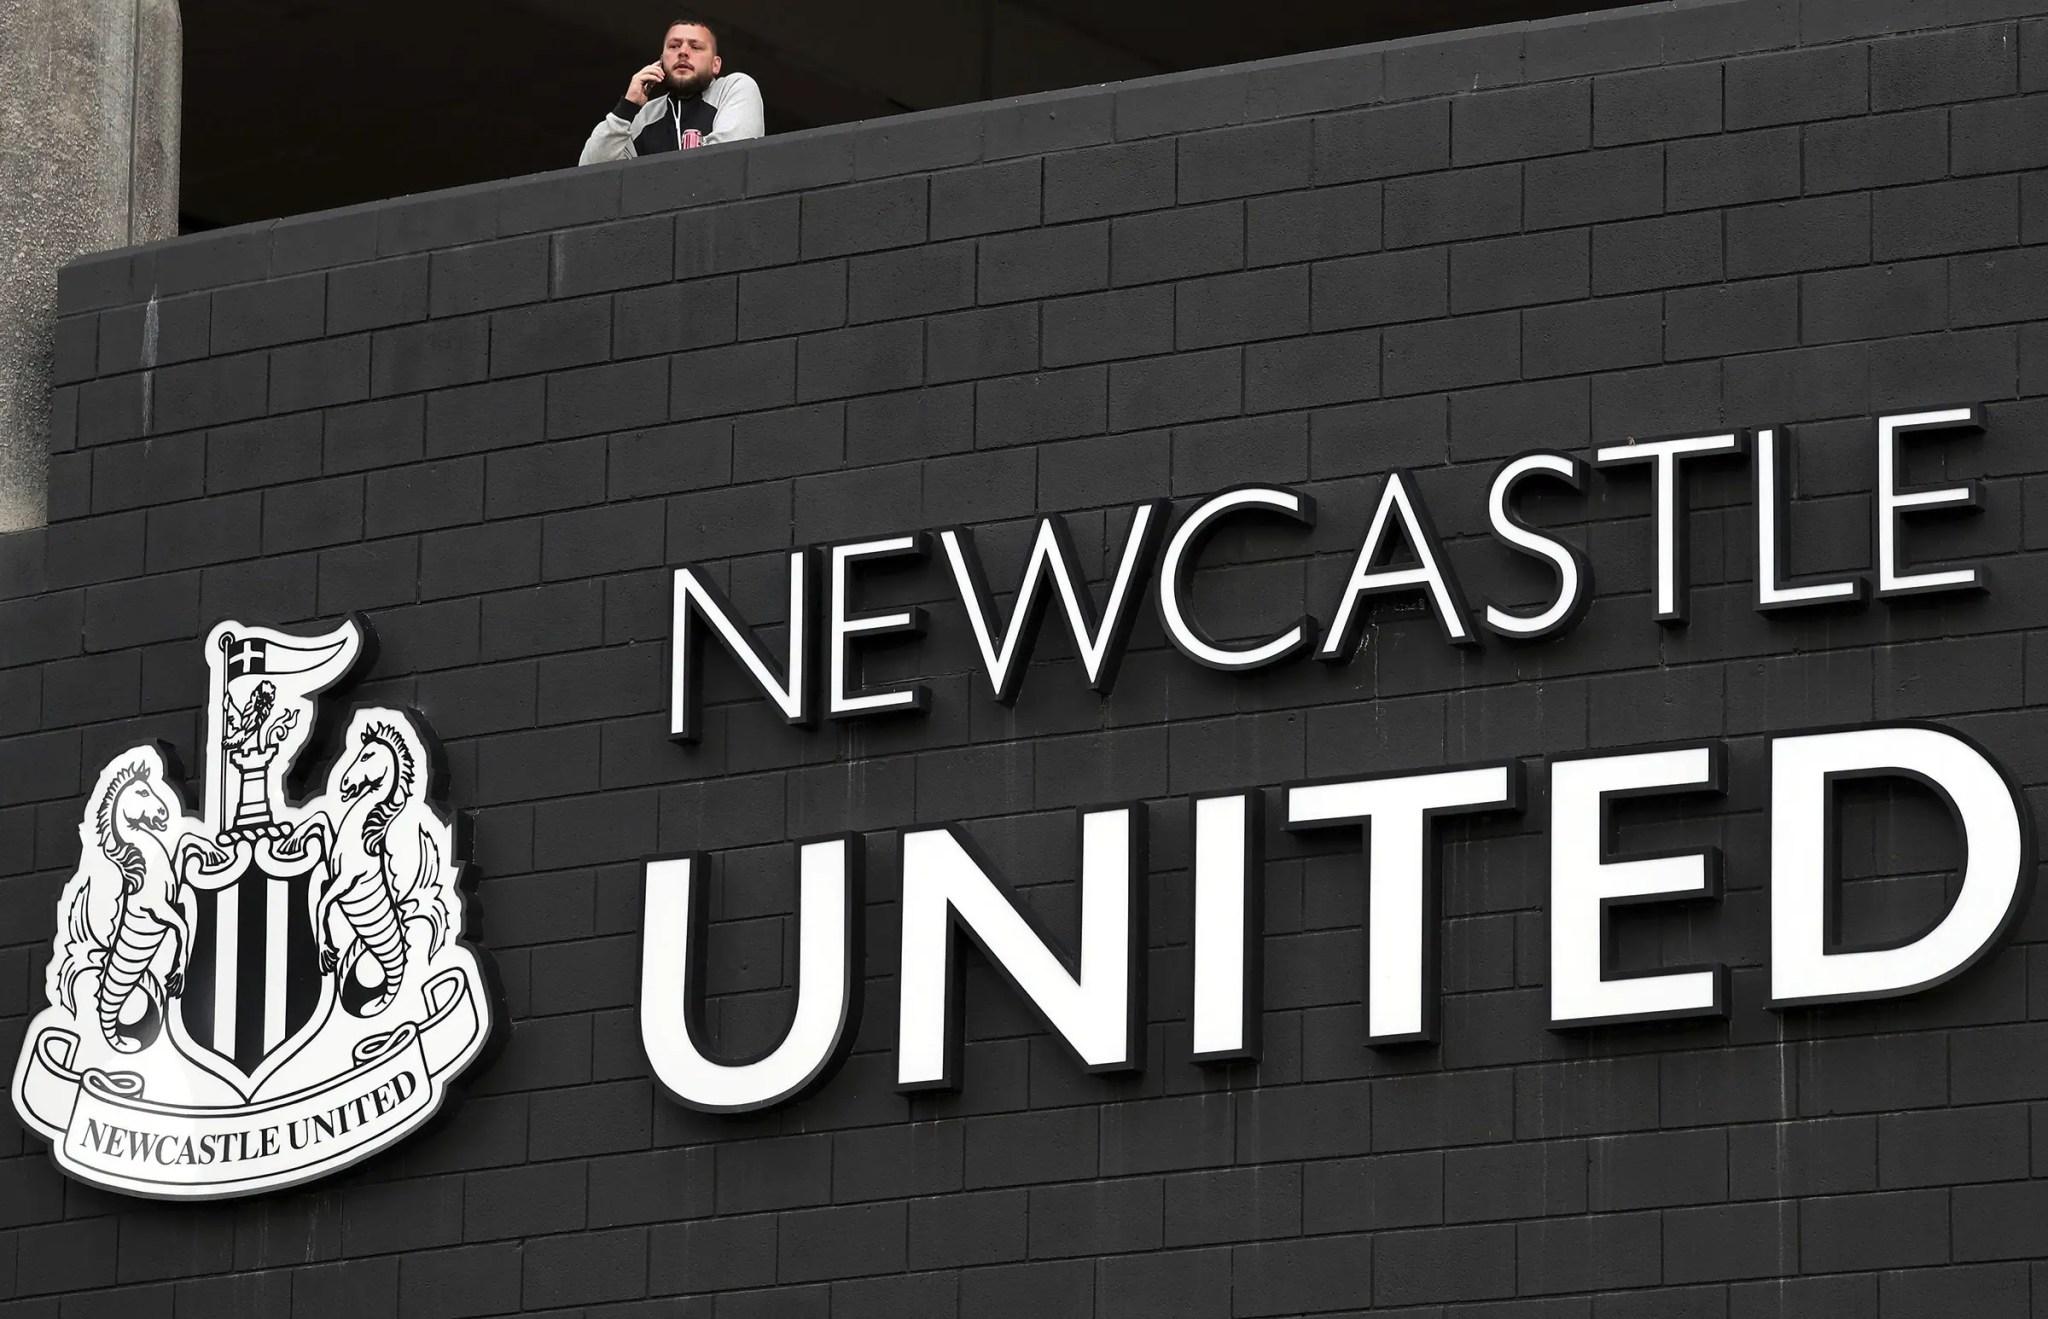 Newcastle united resmi dipegang oleh pemilik baru. vendettasportsmedia